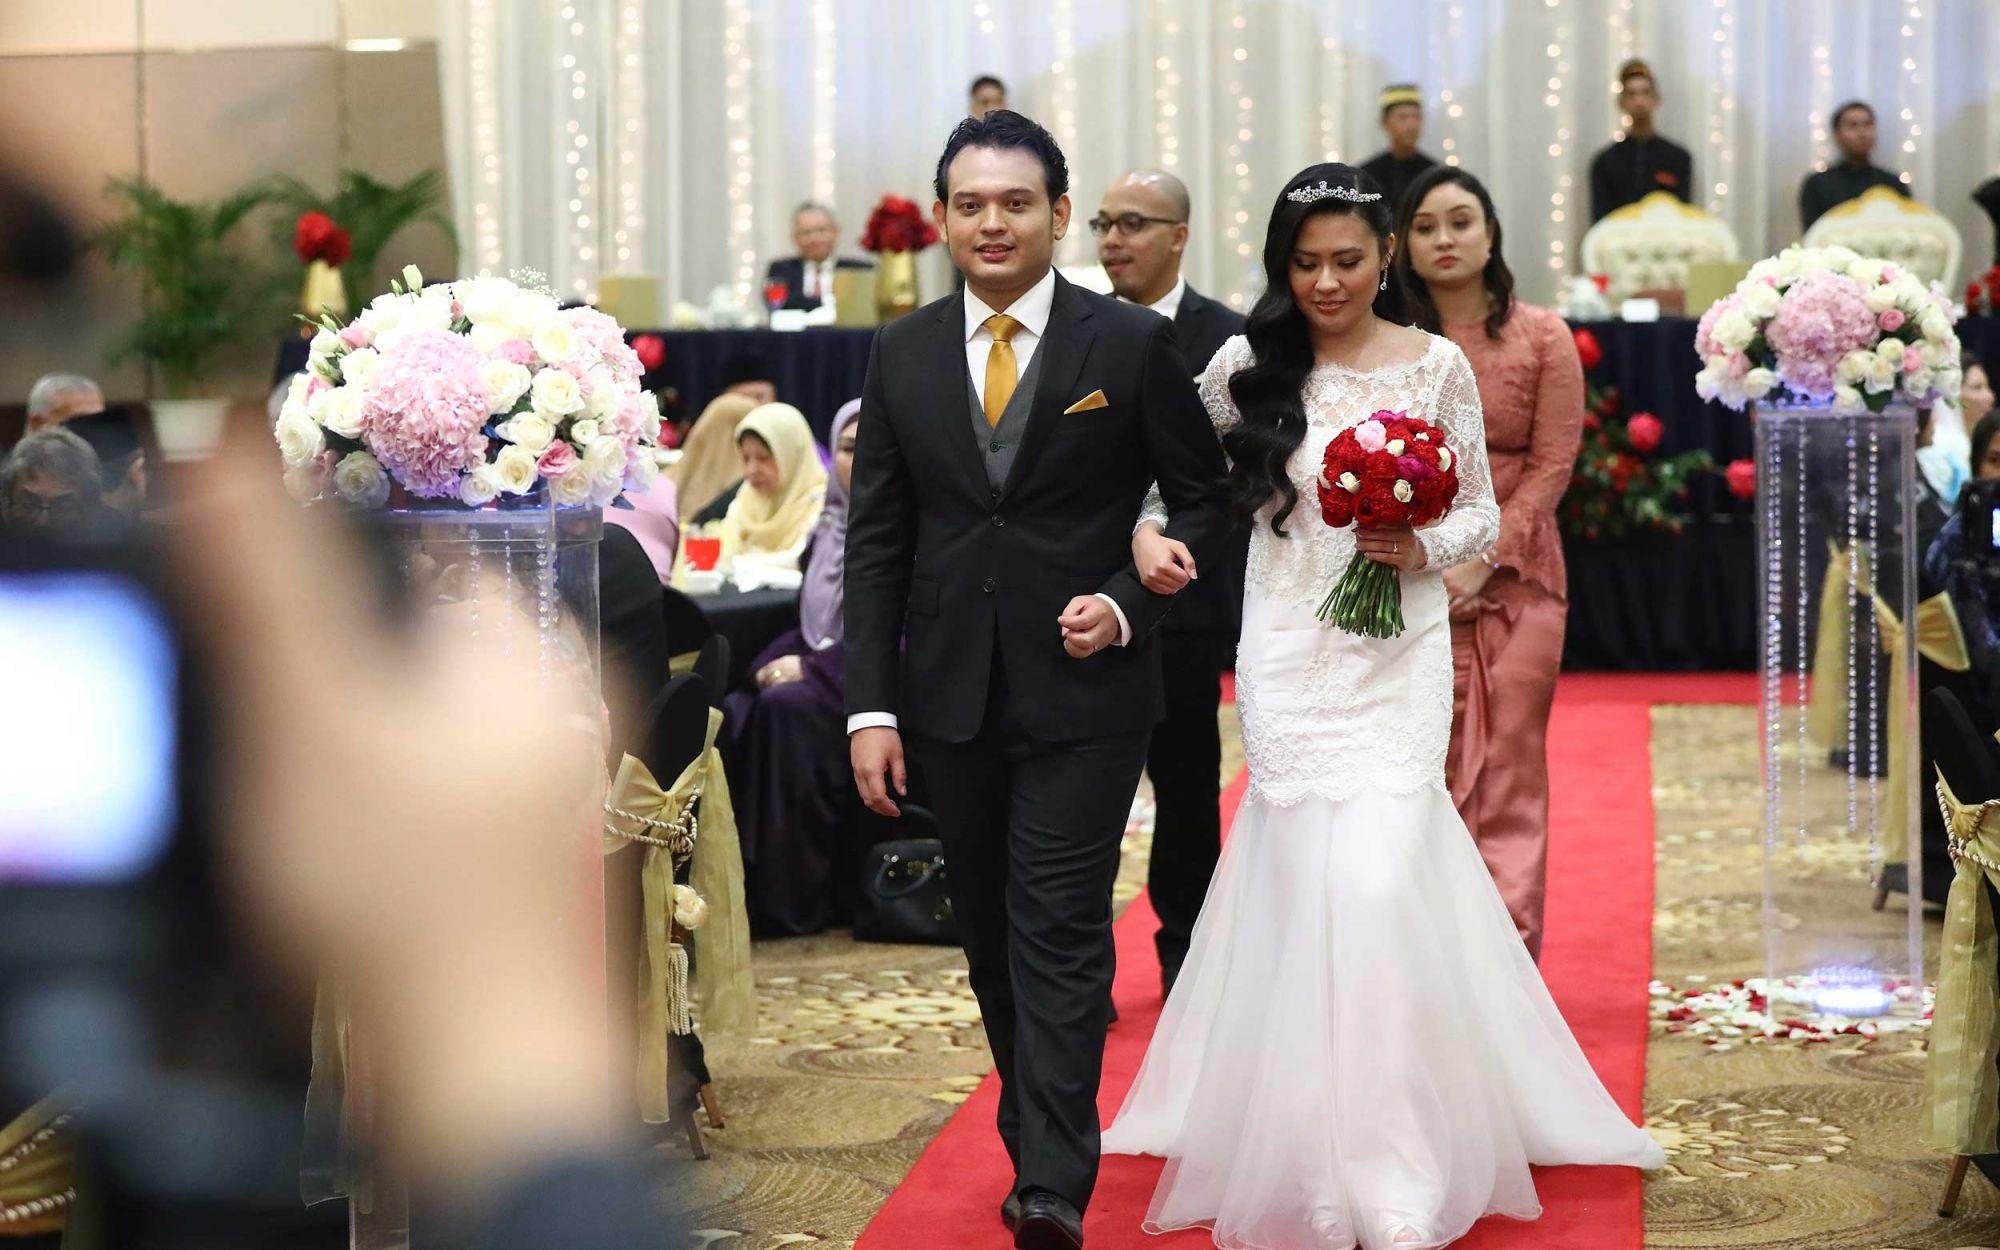 Sharizuan Md Noor and Iman Alia Anuar